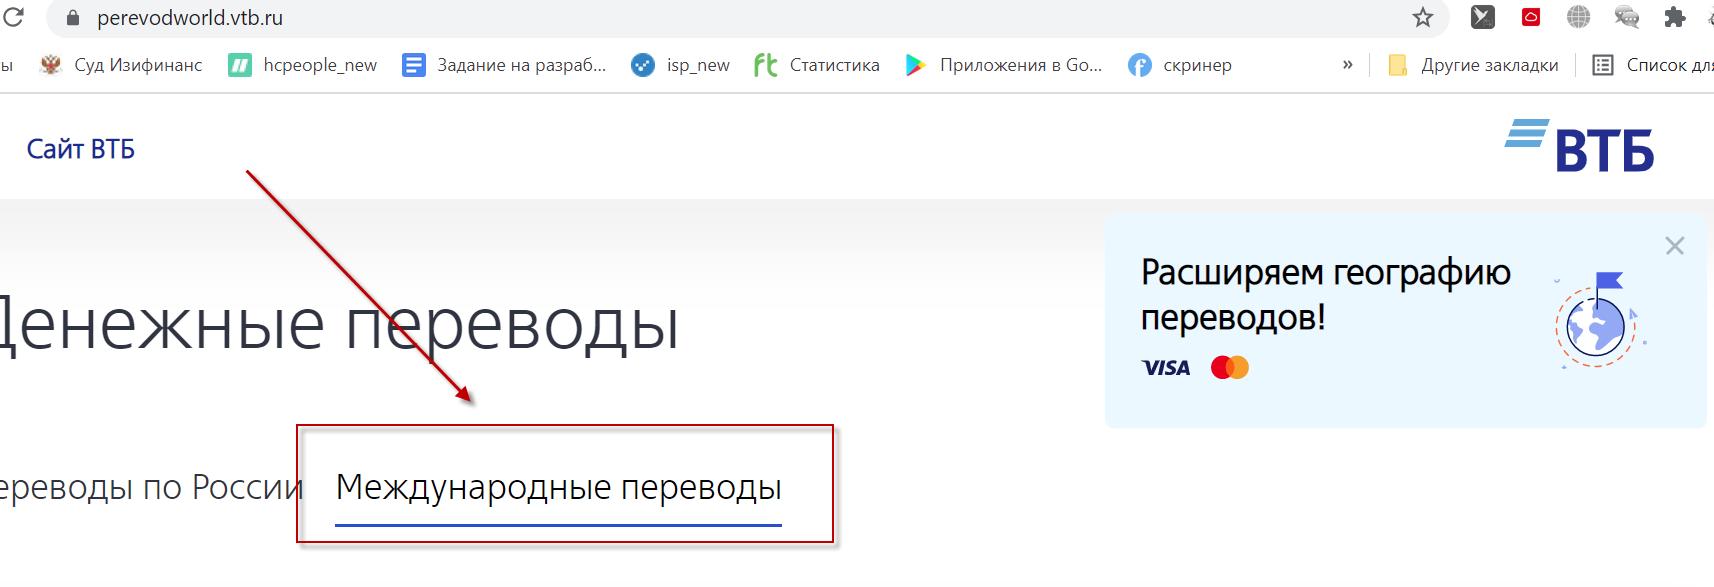 Онлайн перевод ВТБ